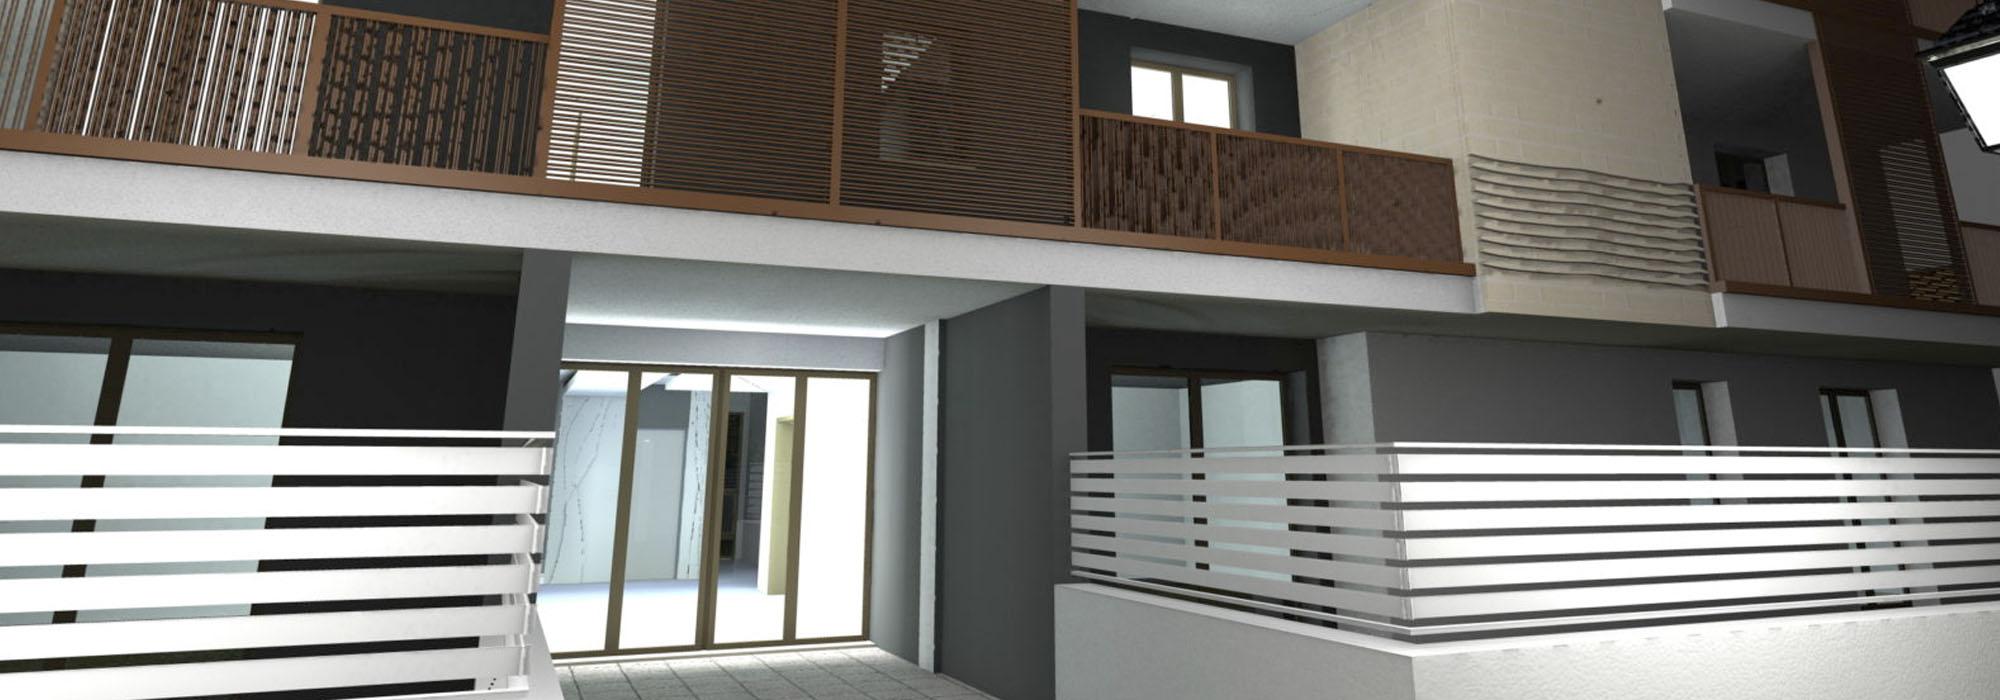 Appartamenti nuova costruzione Lecce